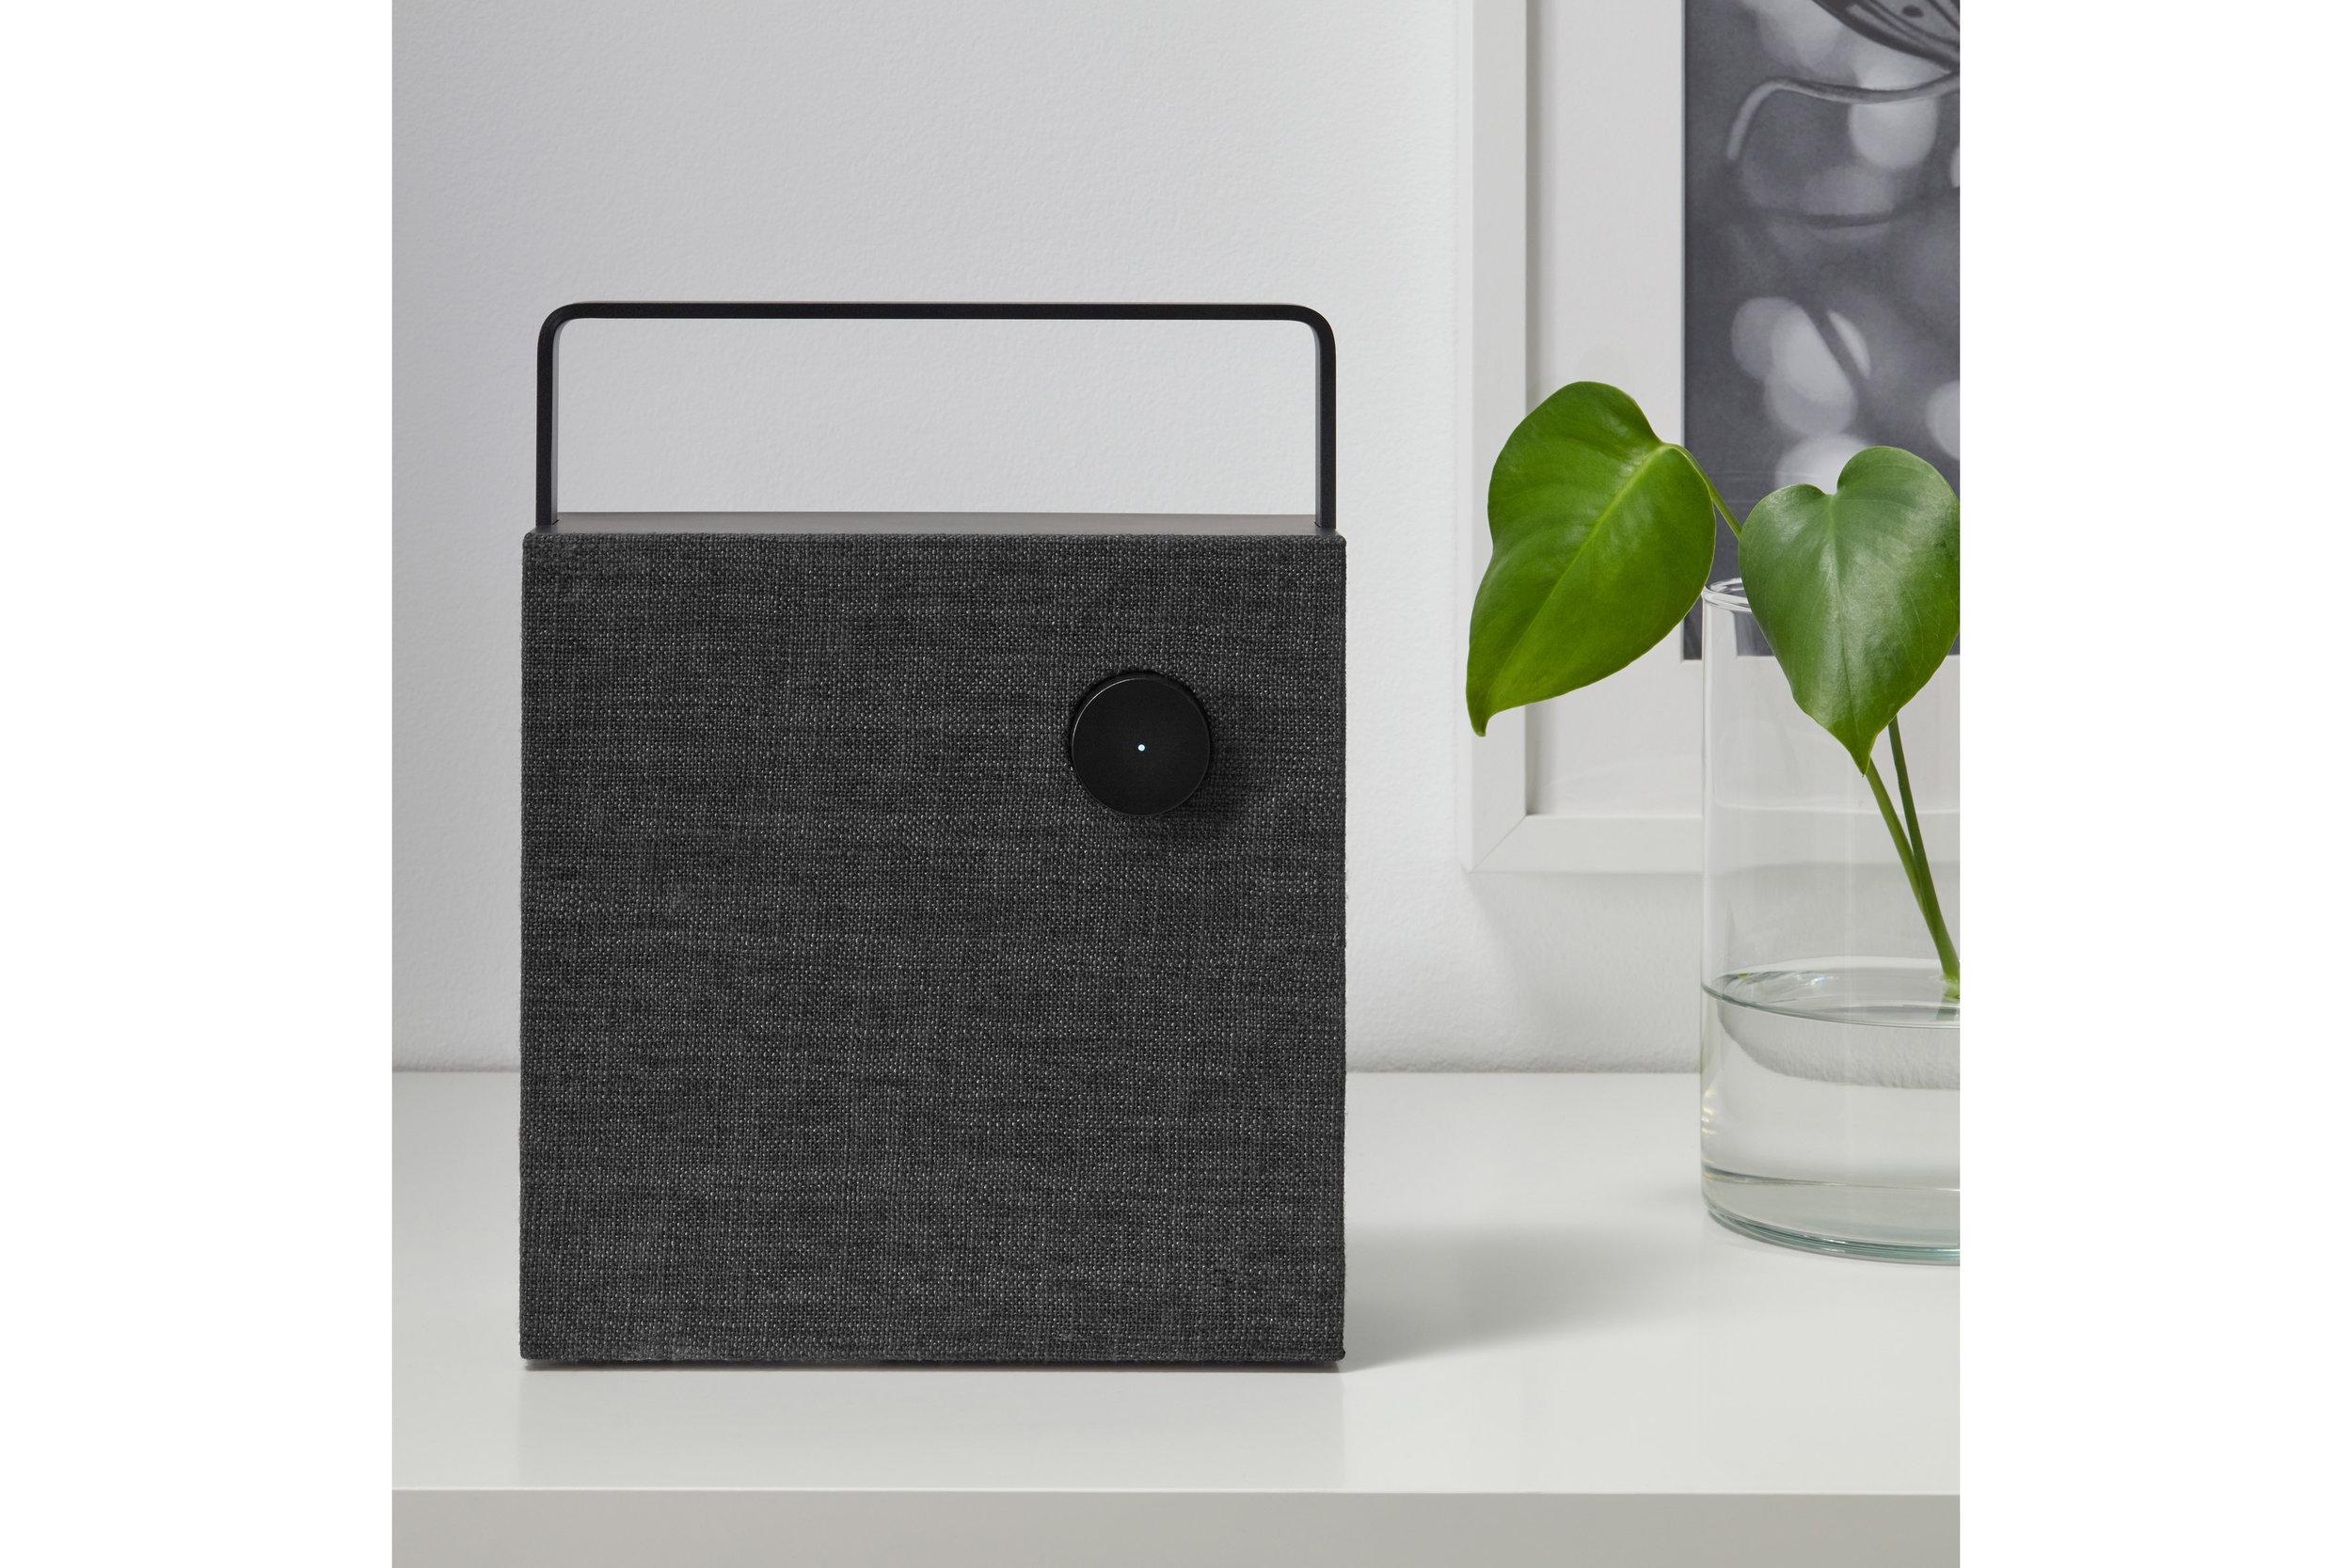 ikea-eneby-speakers_dezeen_2364_col_5.jpg